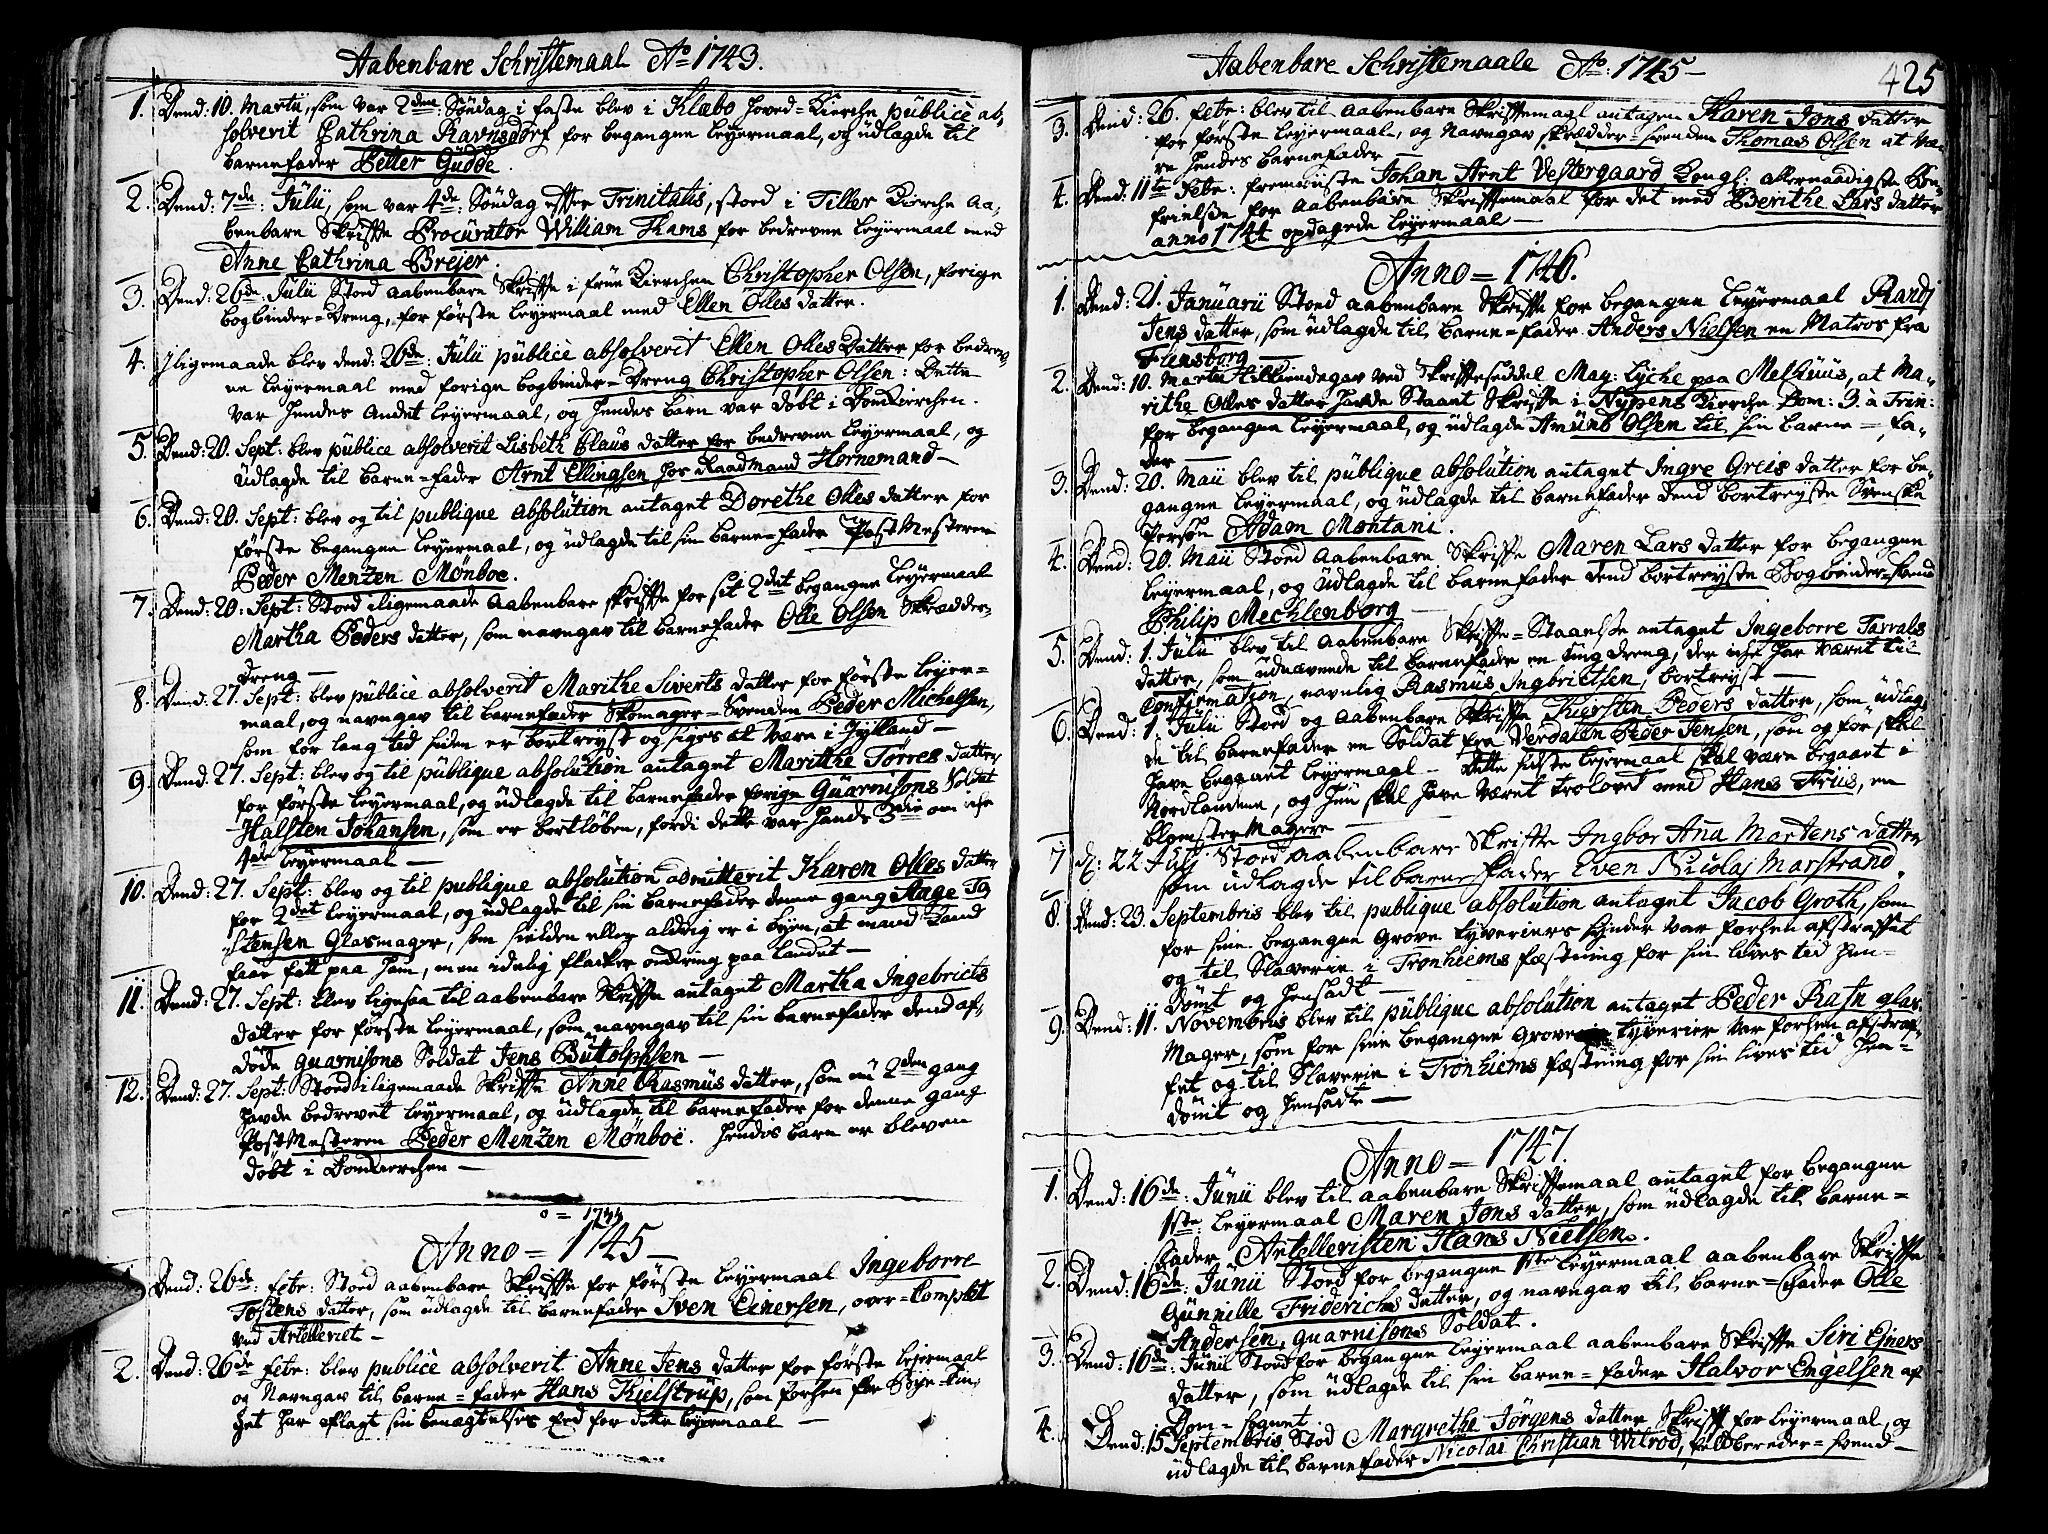 SAT, Ministerialprotokoller, klokkerbøker og fødselsregistre - Sør-Trøndelag, 602/L0103: Ministerialbok nr. 602A01, 1732-1774, s. 425